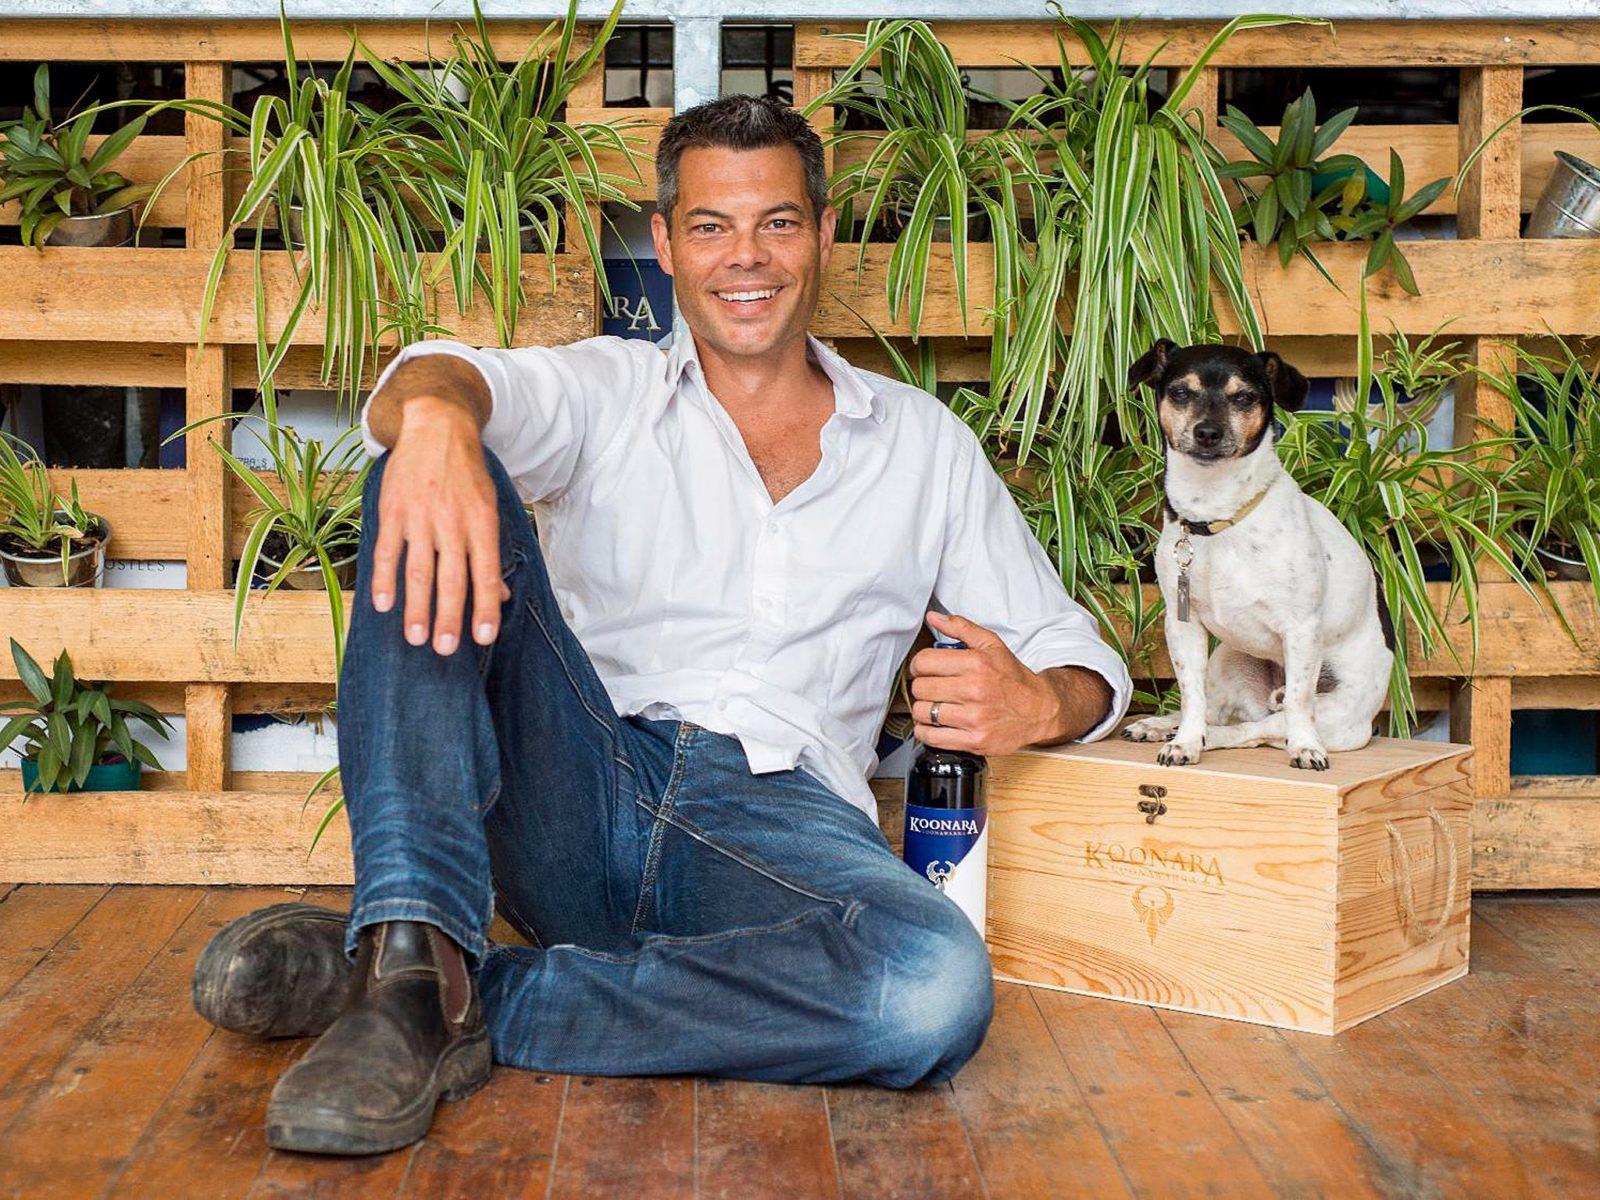 Koonara Wines Cellar Door, Coonawarra, Penola South Australia